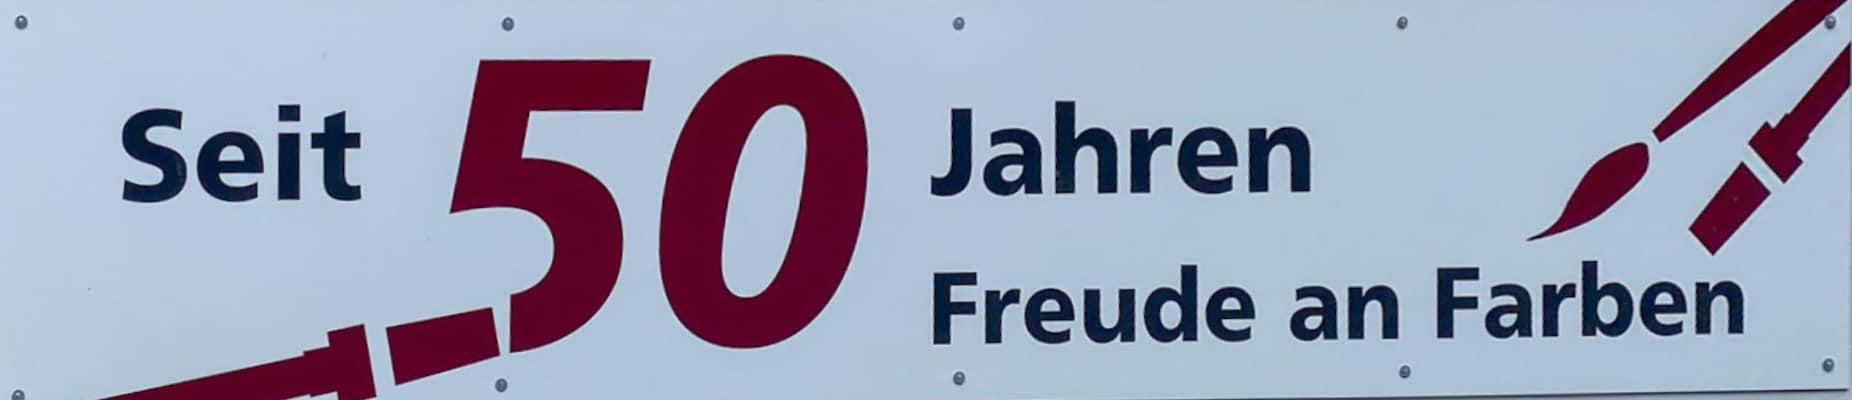 banner-50-jahre